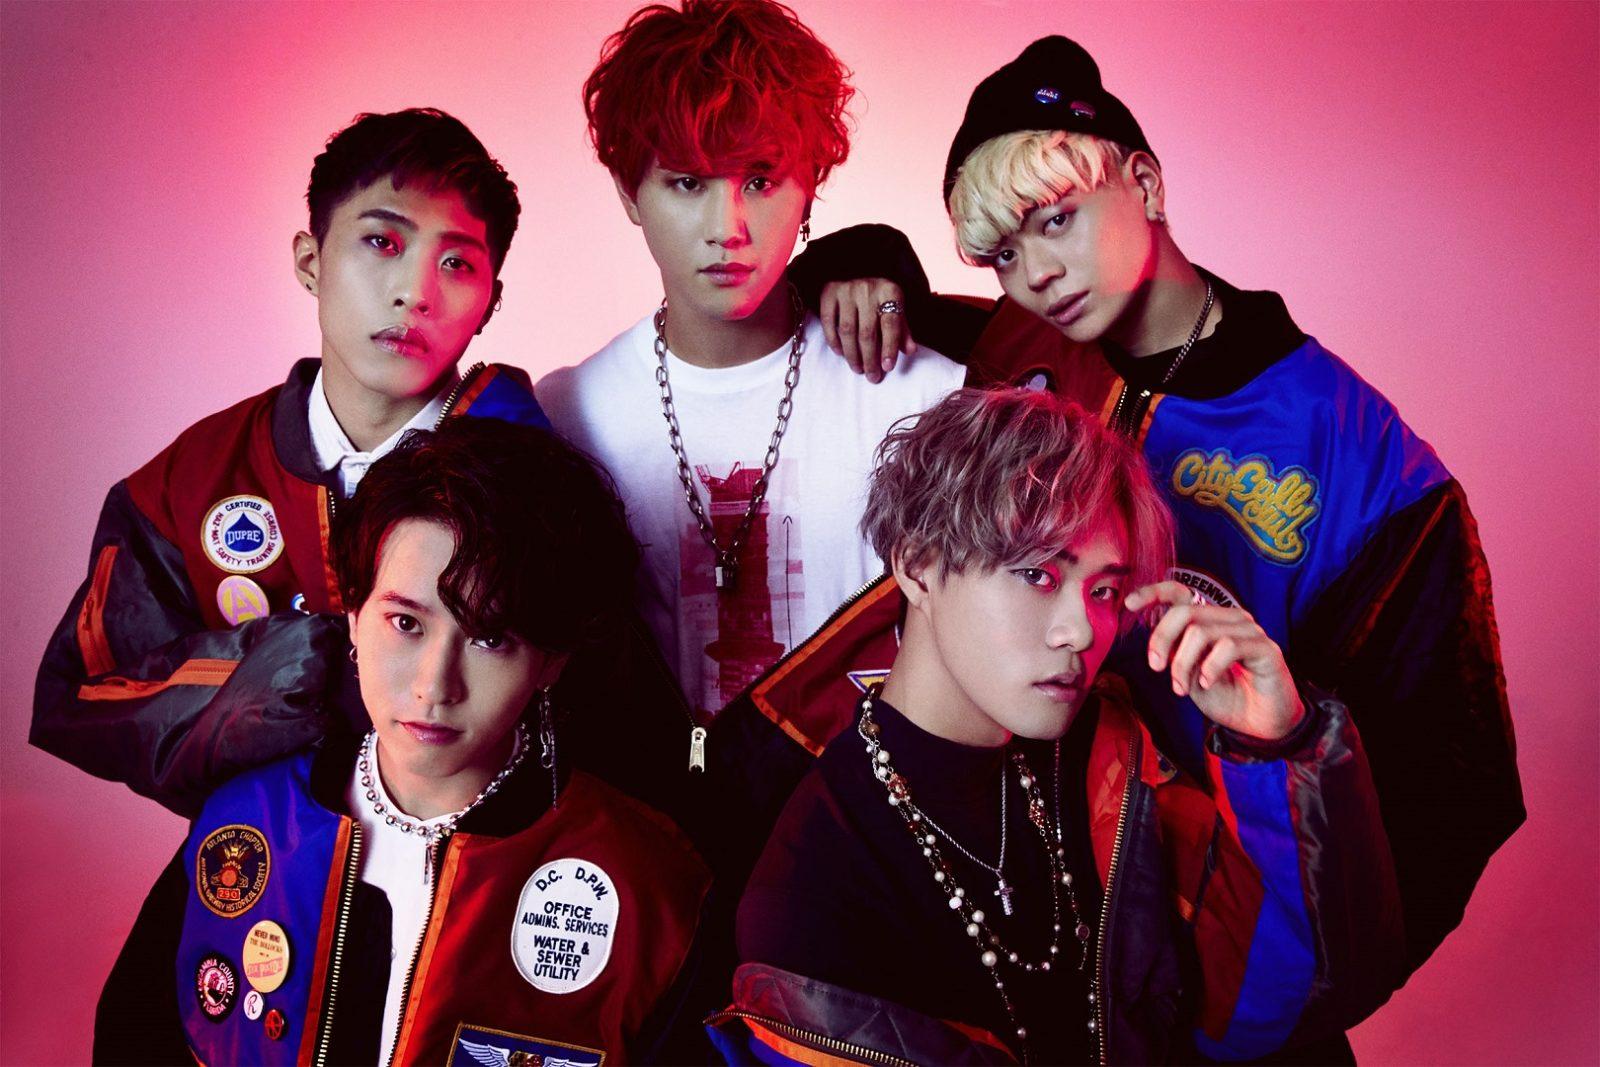 MADKID、メジャーデビューシングル「Never going back」の新ビジュアル公開!各地でリリースイベントもサムネイル画像